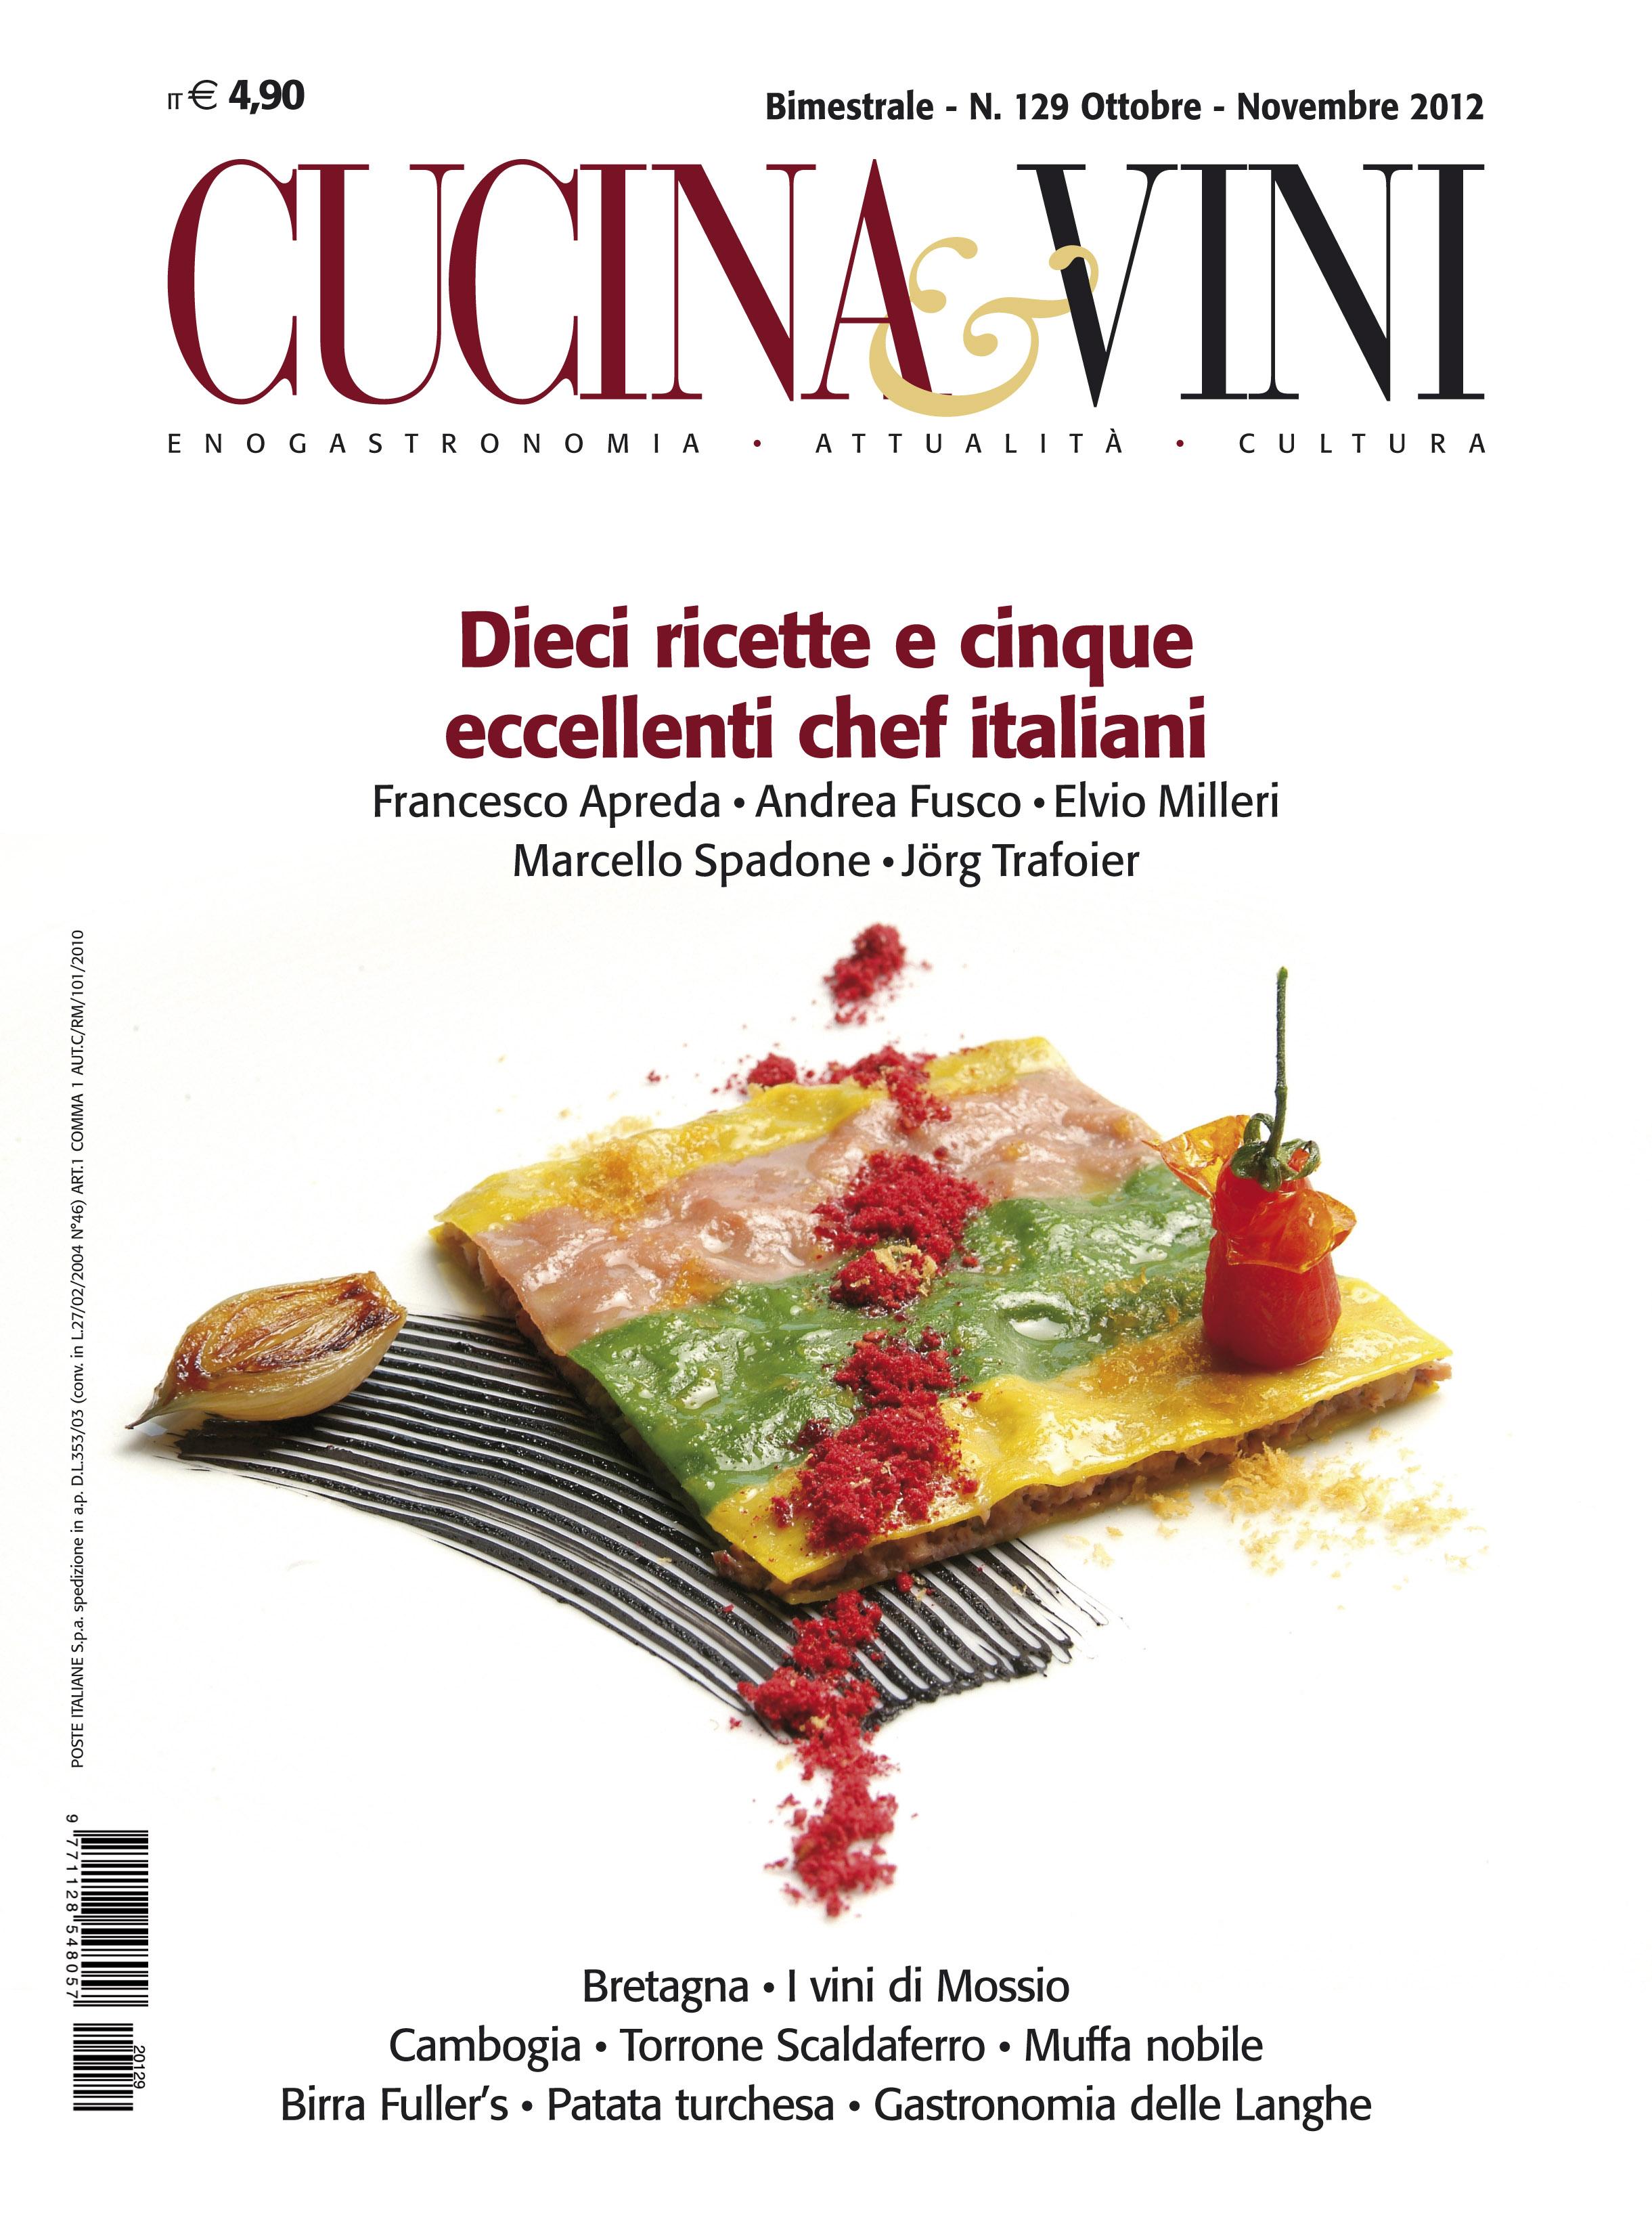 il nostro prodotto di punta la rivista cucina vini la puoi trovare in edicola oppure puoi abbonarti e riceverla a casa e puoi anche sfogliarla su pc